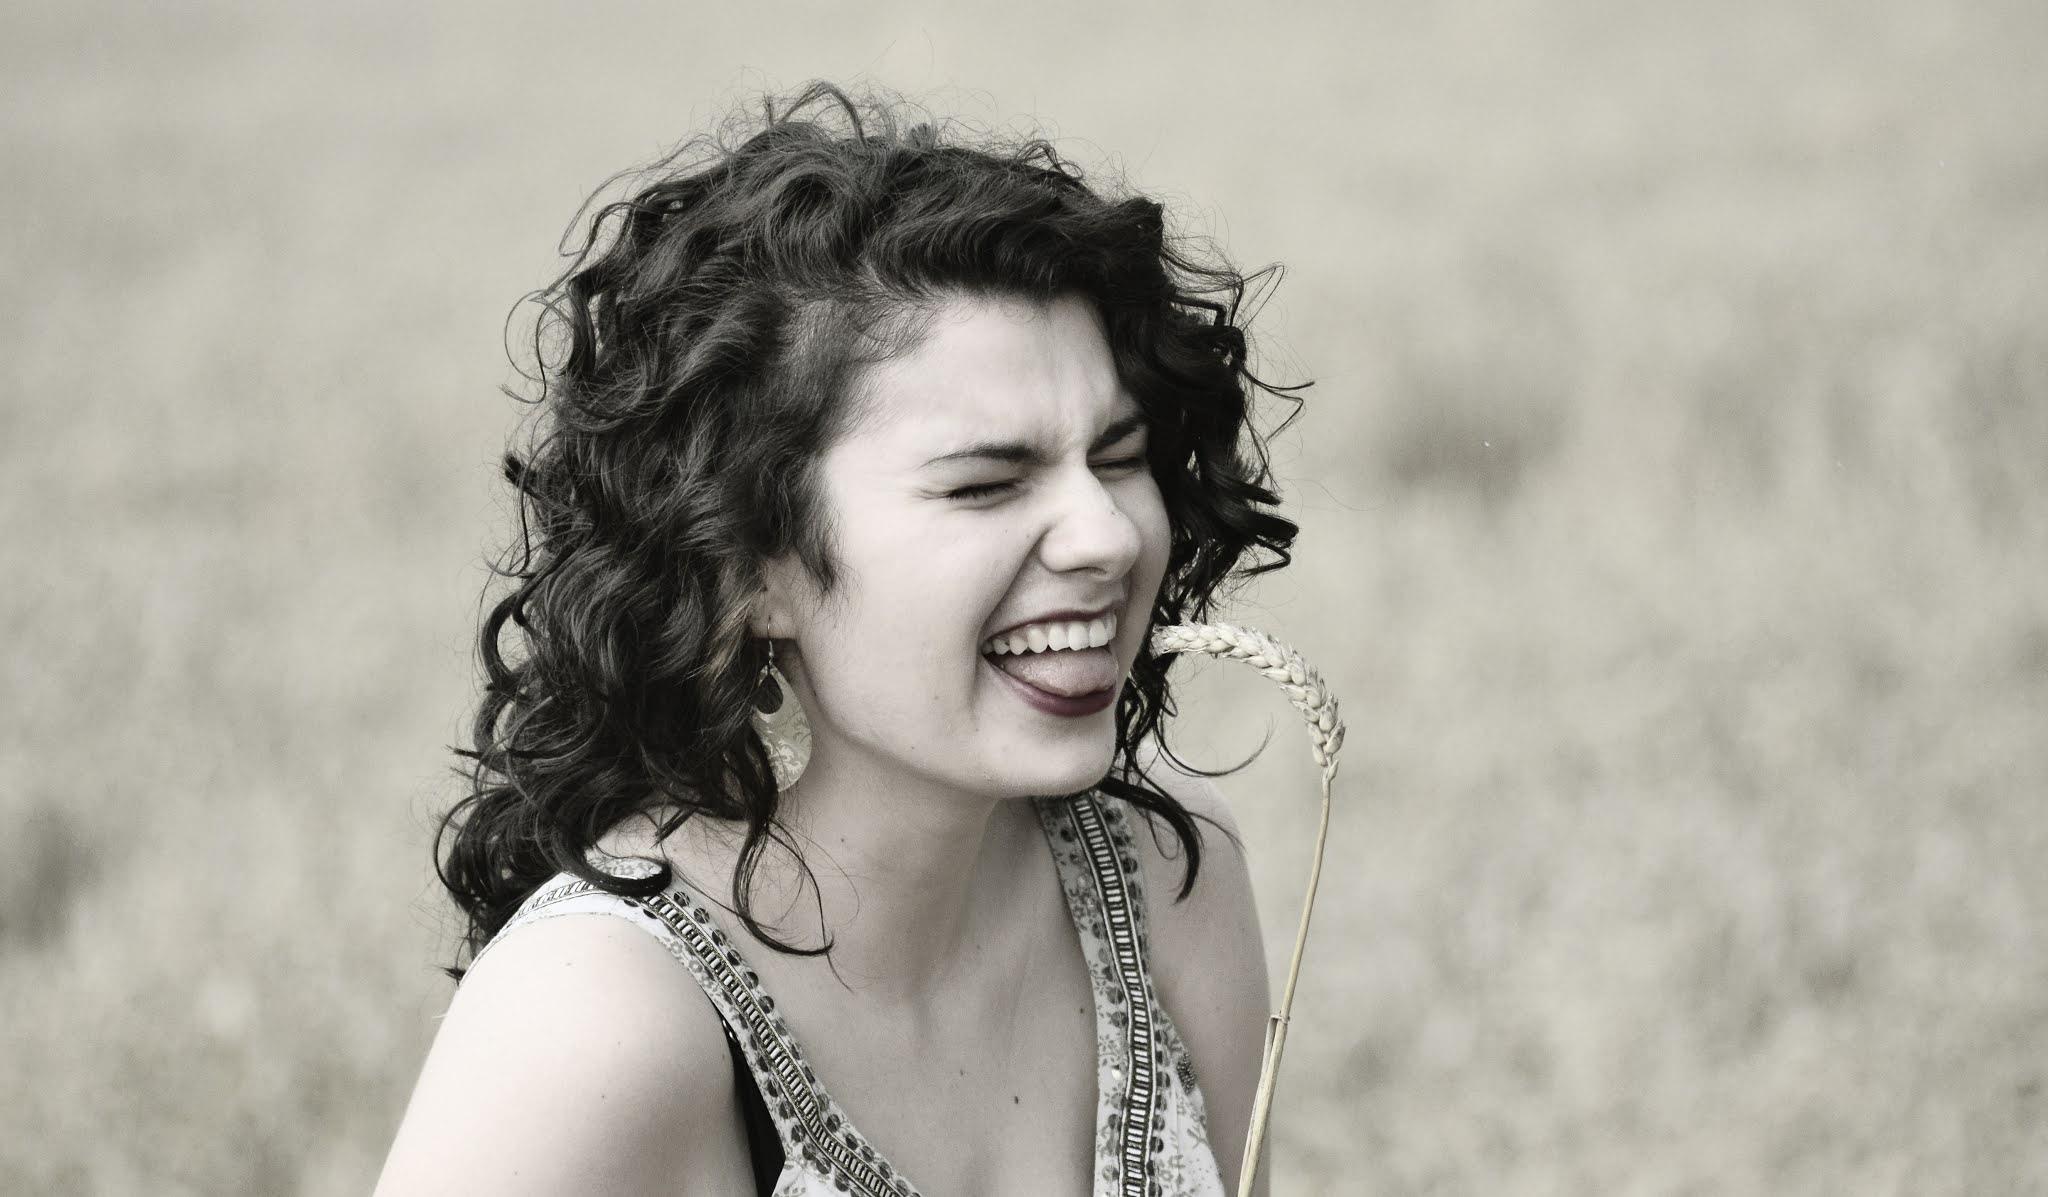 optymizm | loki | włosy | kręcone | czarne | śmiech | pozytywnie